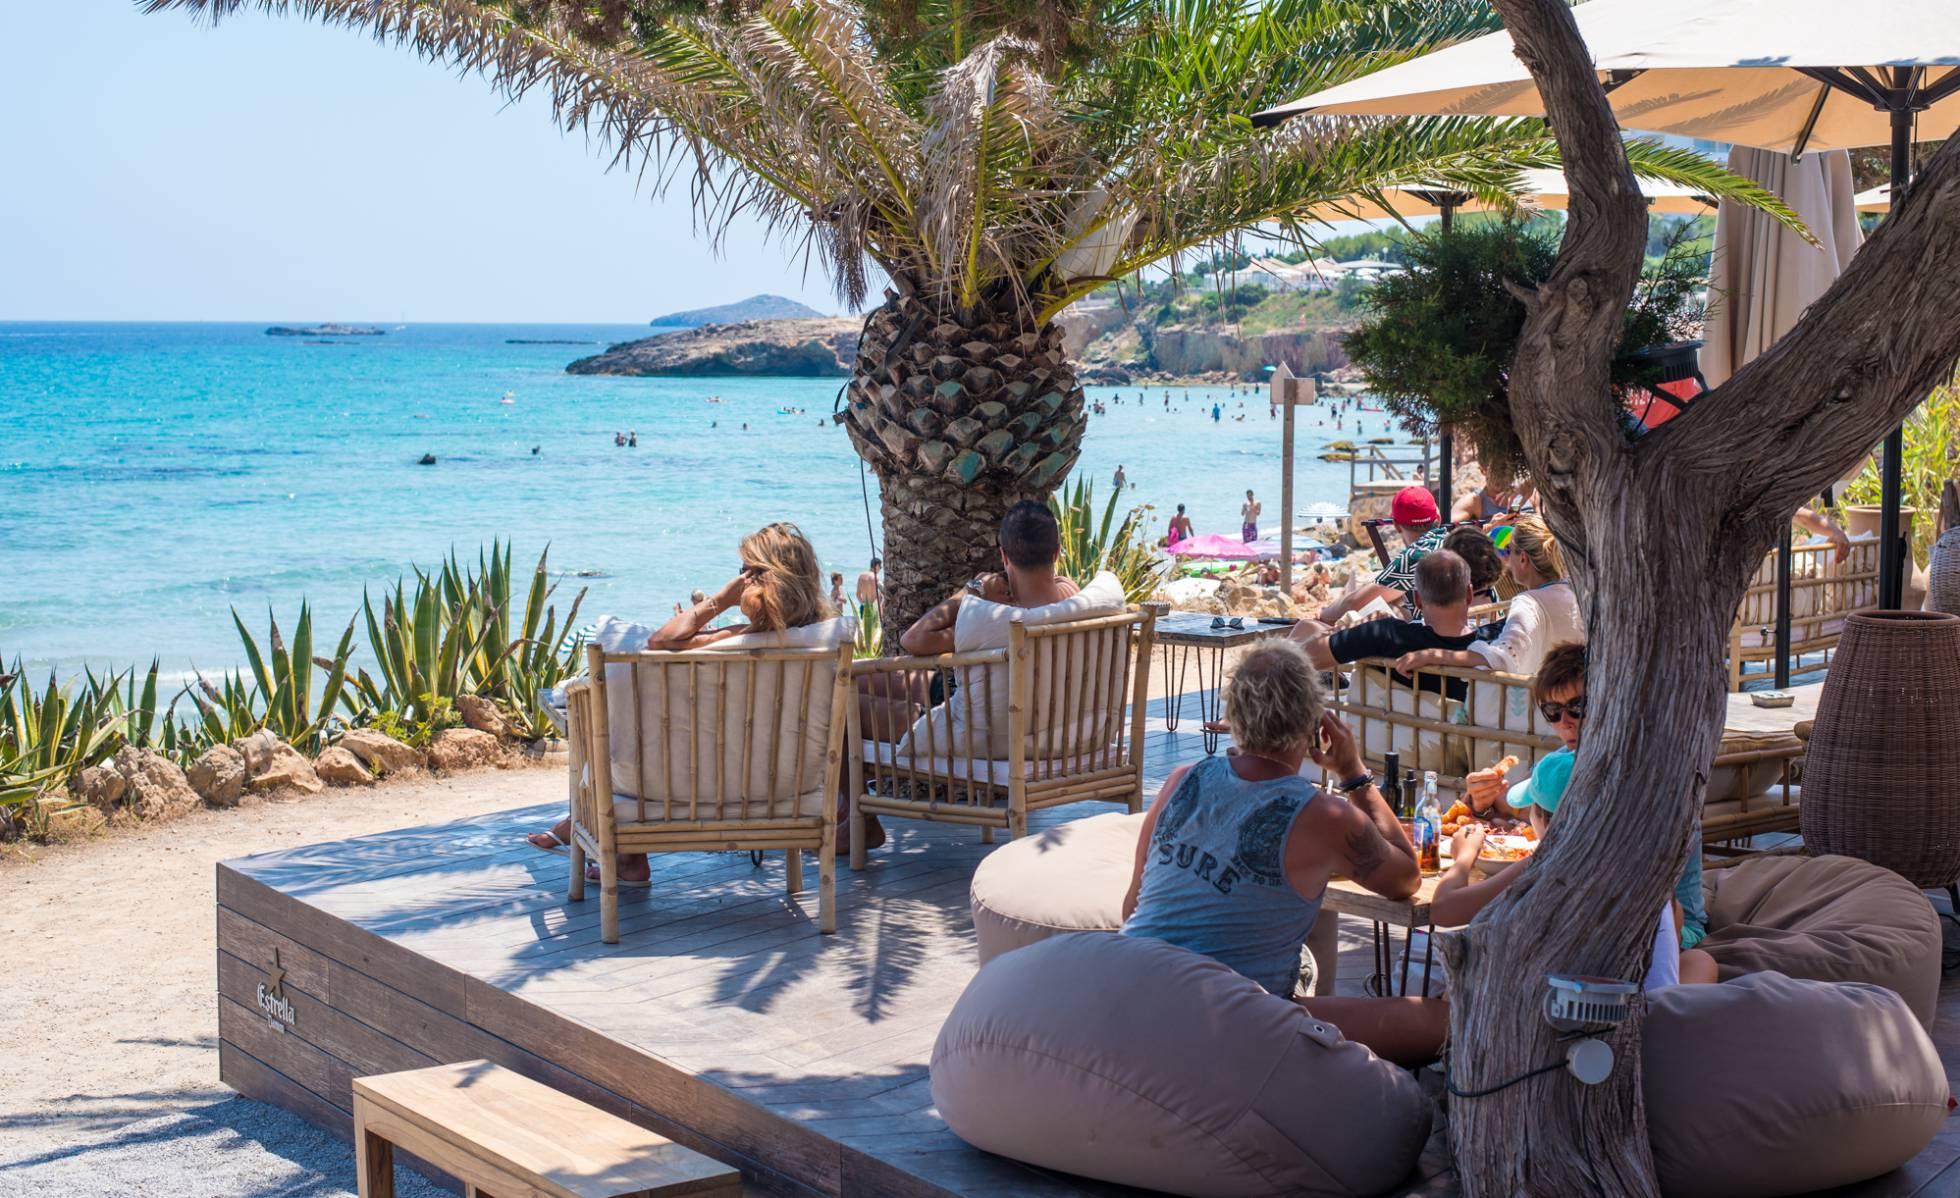 Самые рентабельные места для проведения отпуска в стиле «солнце и пляж»